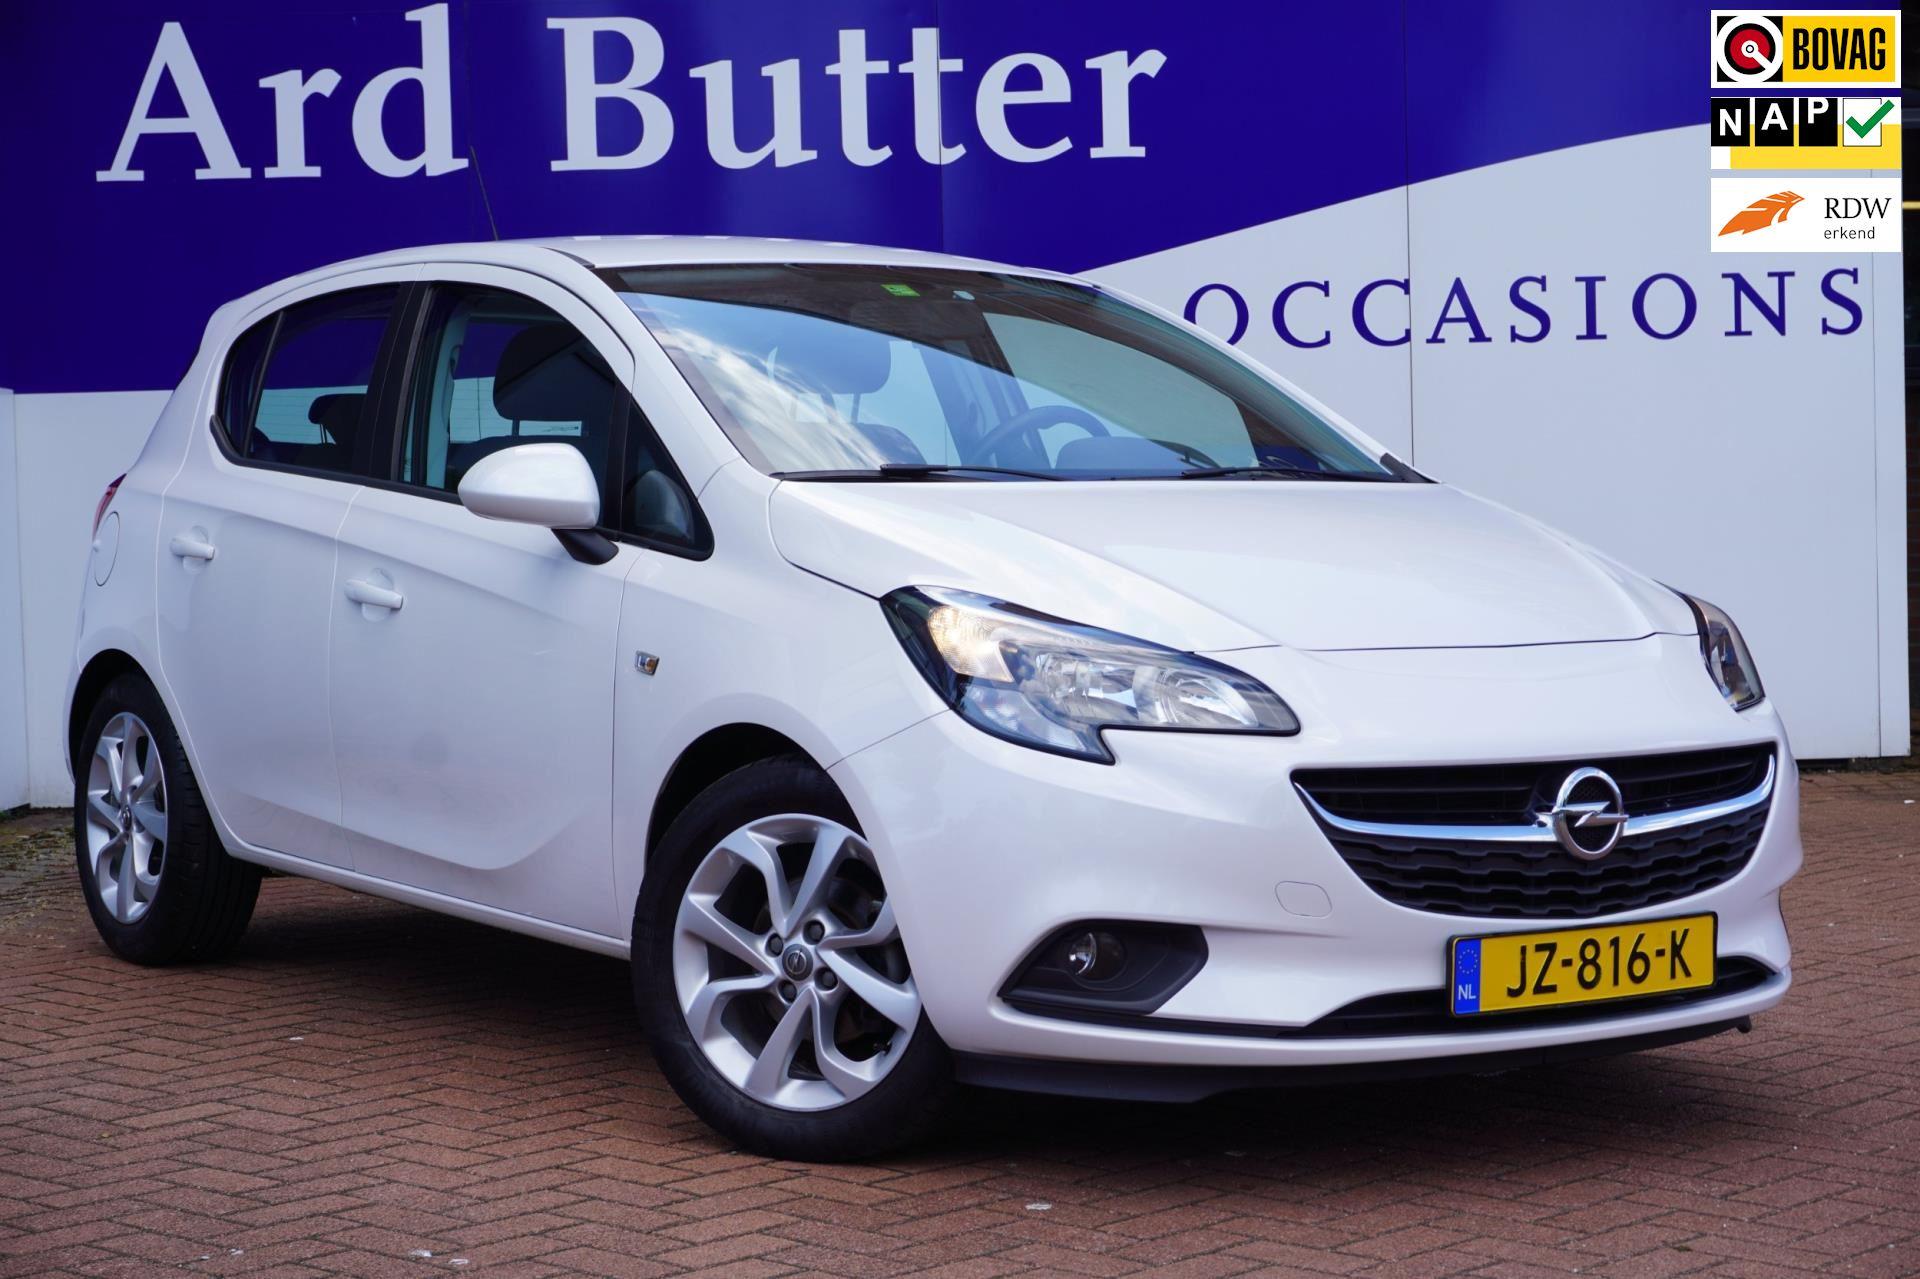 Opel Corsa occasion - Autobedrijf Ard Butter B.V.